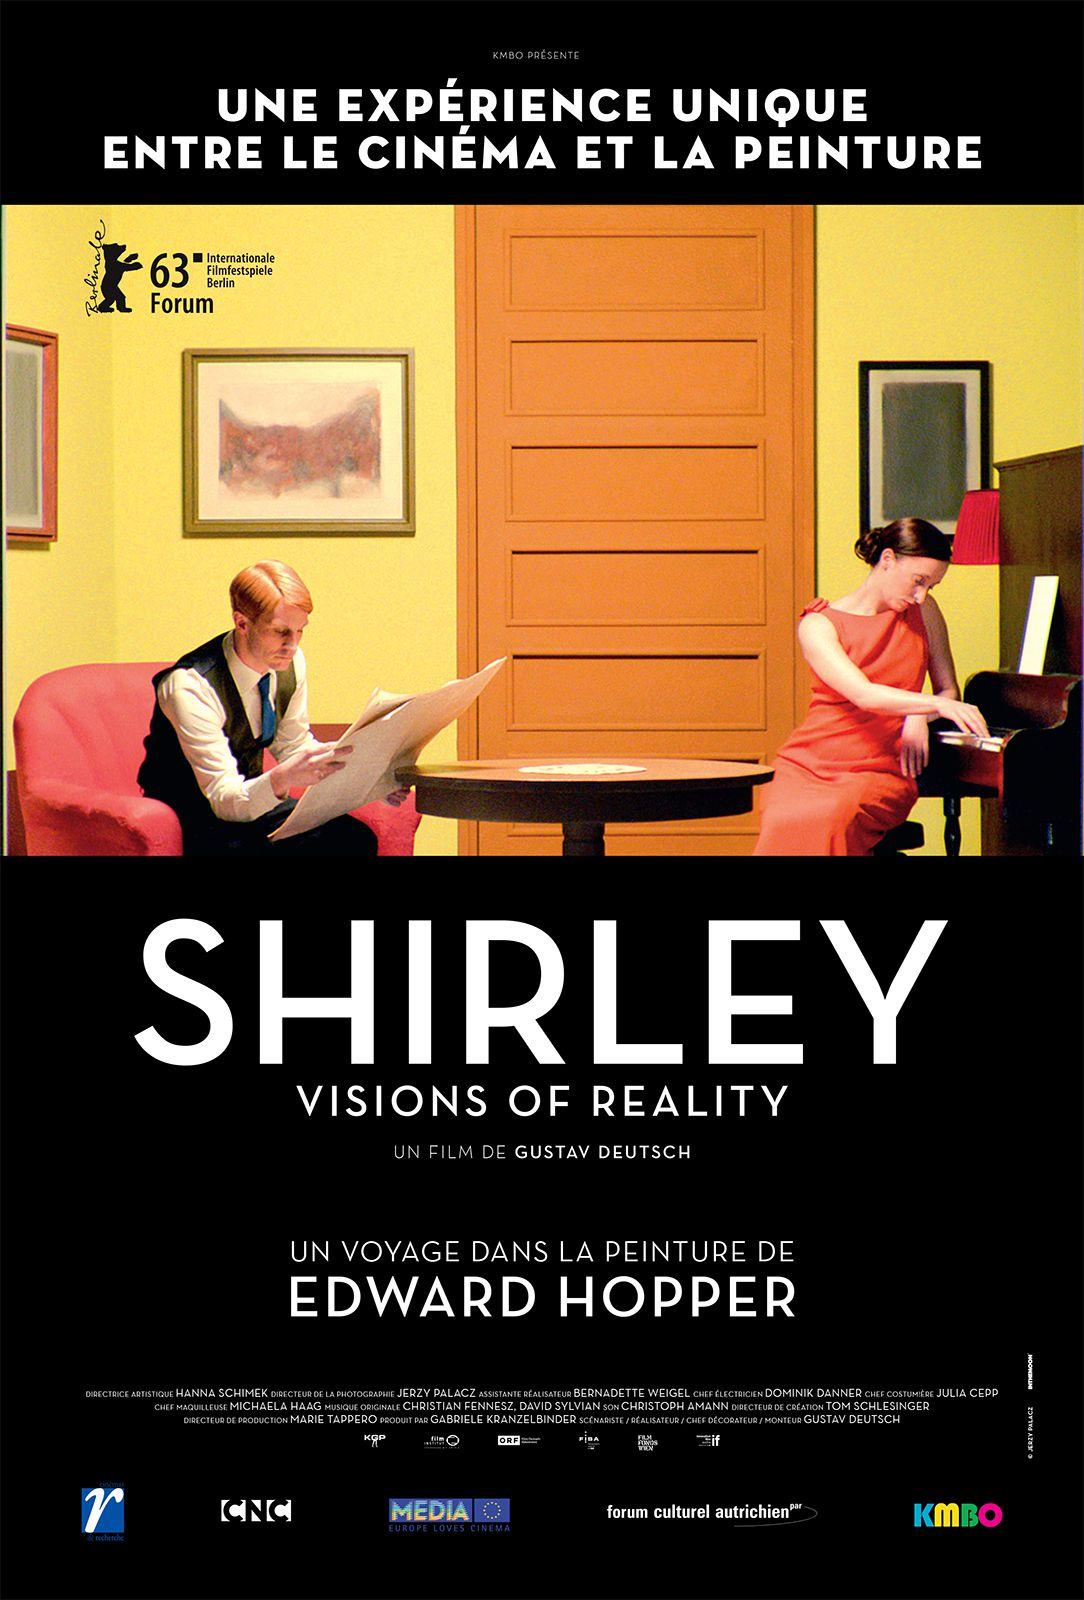 Shirley, un voyage dans la peinture d'Edward Hopper - Film (2013)